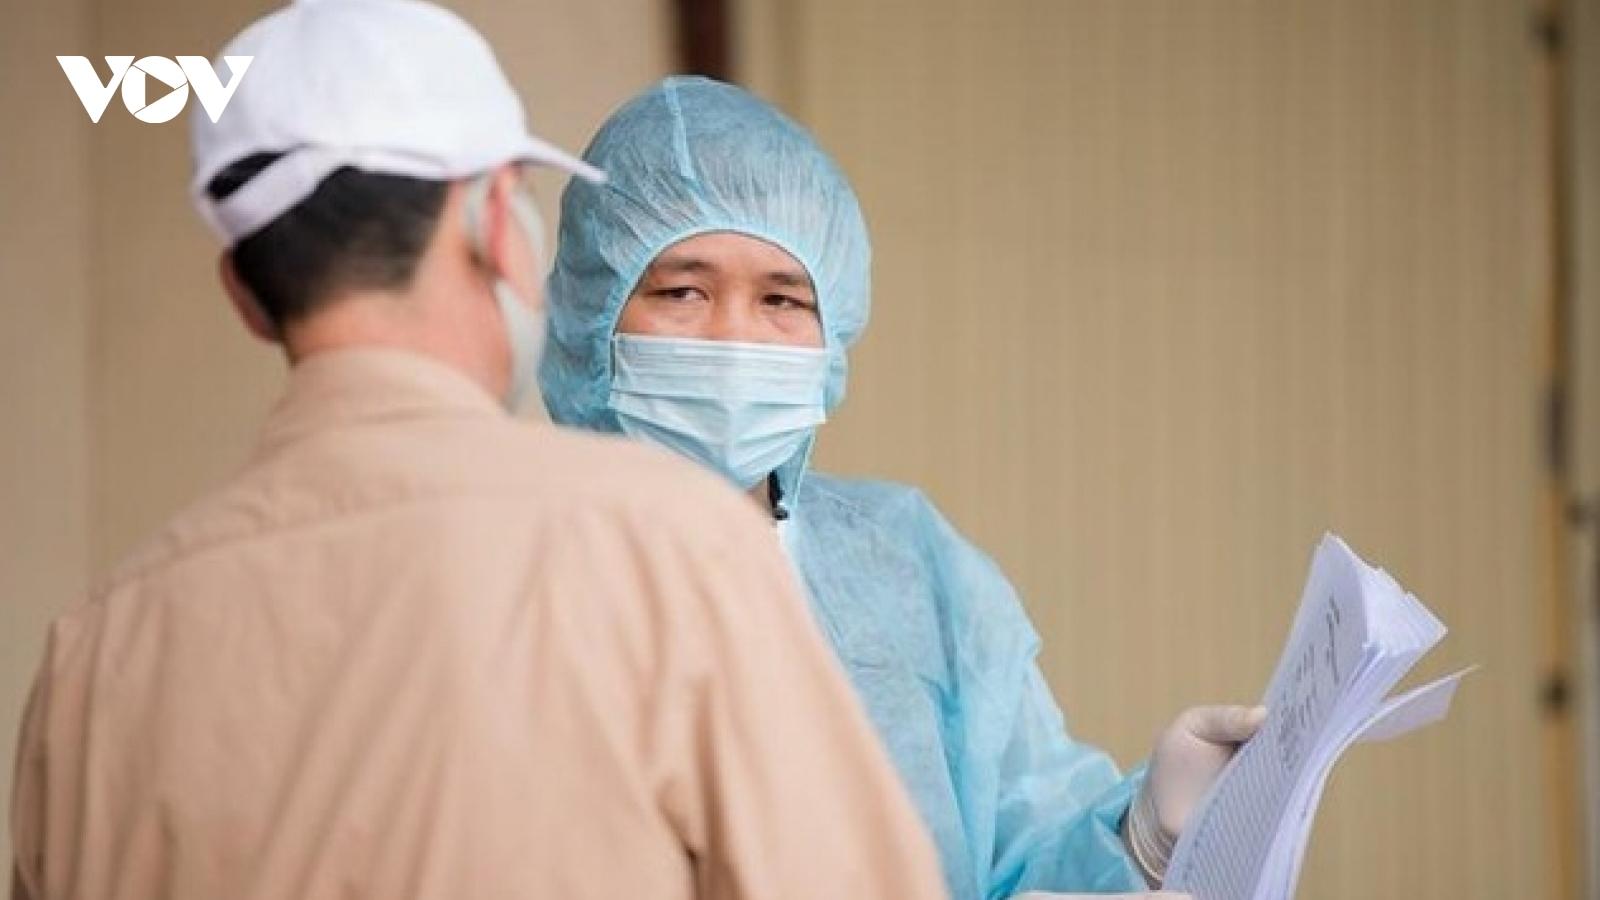 Việt Nam ghi nhận thêm 16 trường hợp nhập cảnh mắc Covid-19